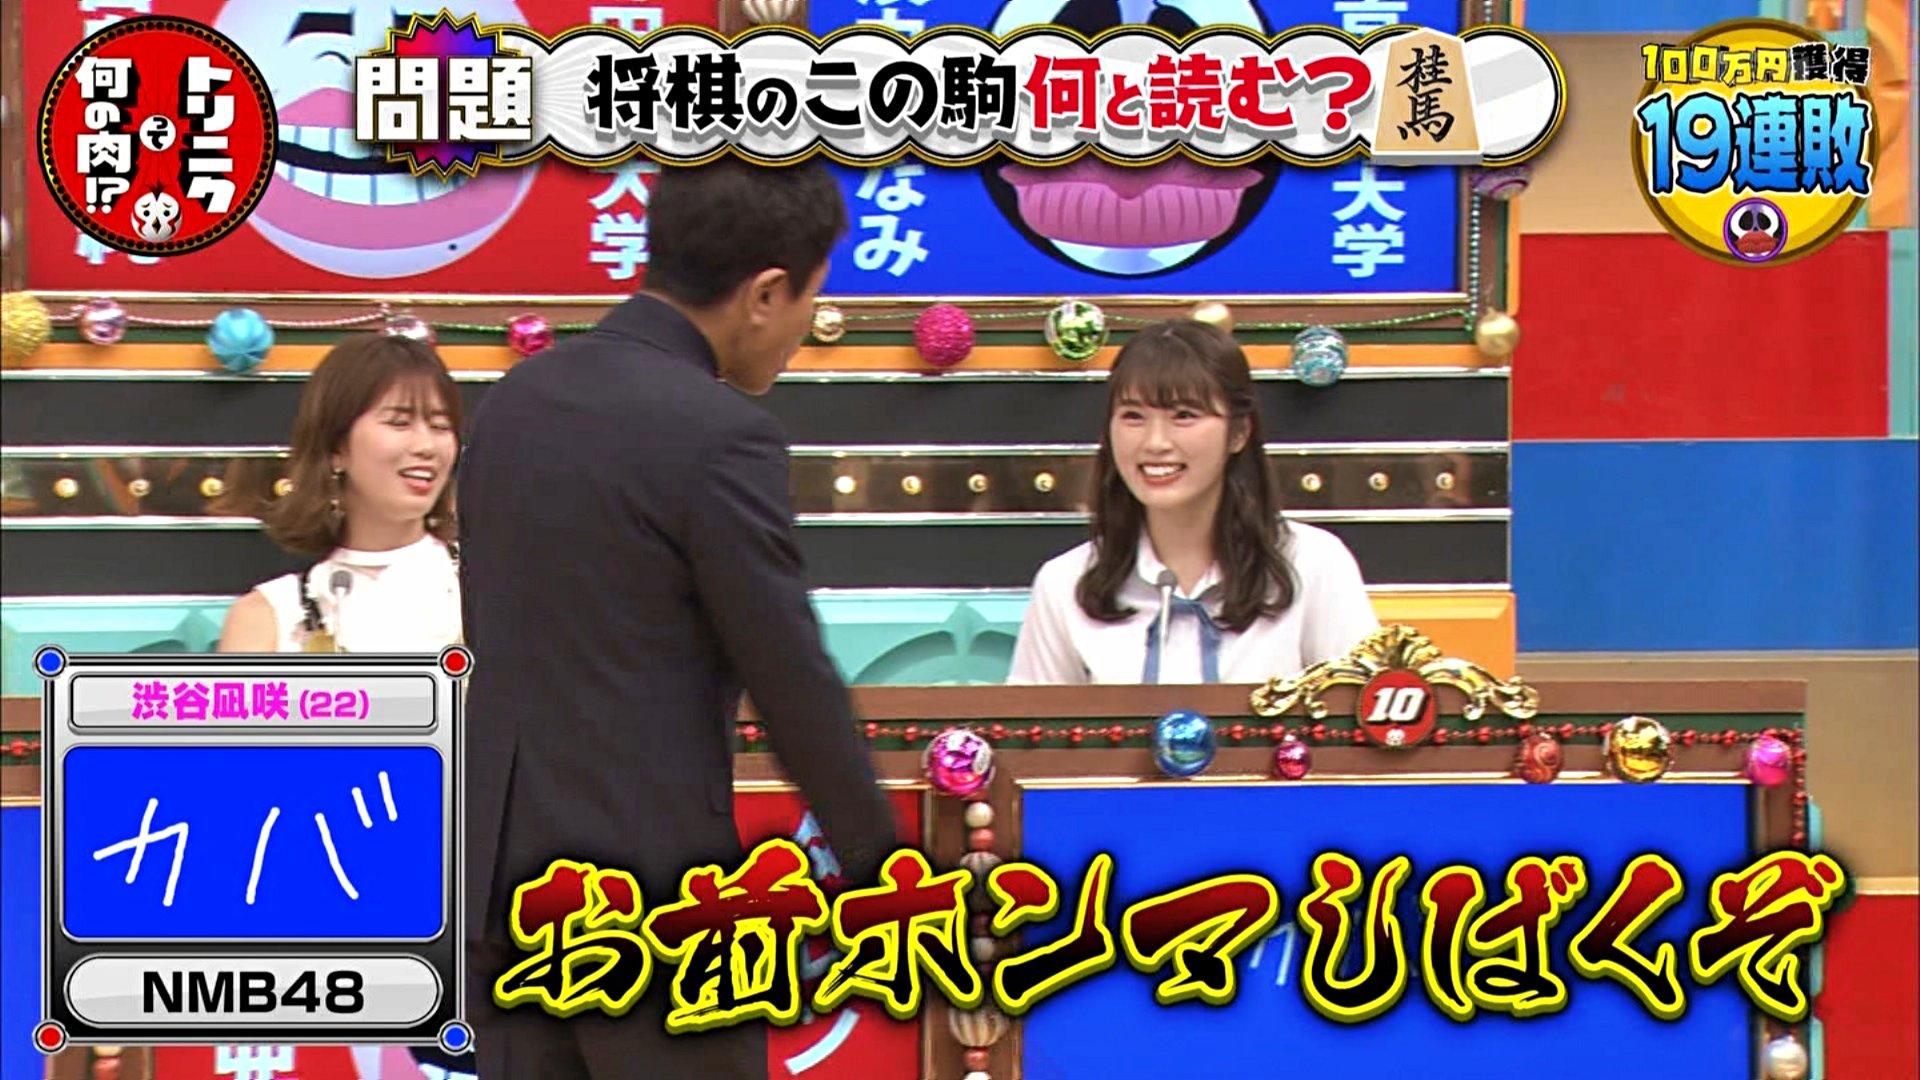 【渋谷凪咲/山田菜々】なぎさ出演7/9「トリニクって何の肉!?」3時間スペシャルの画像。